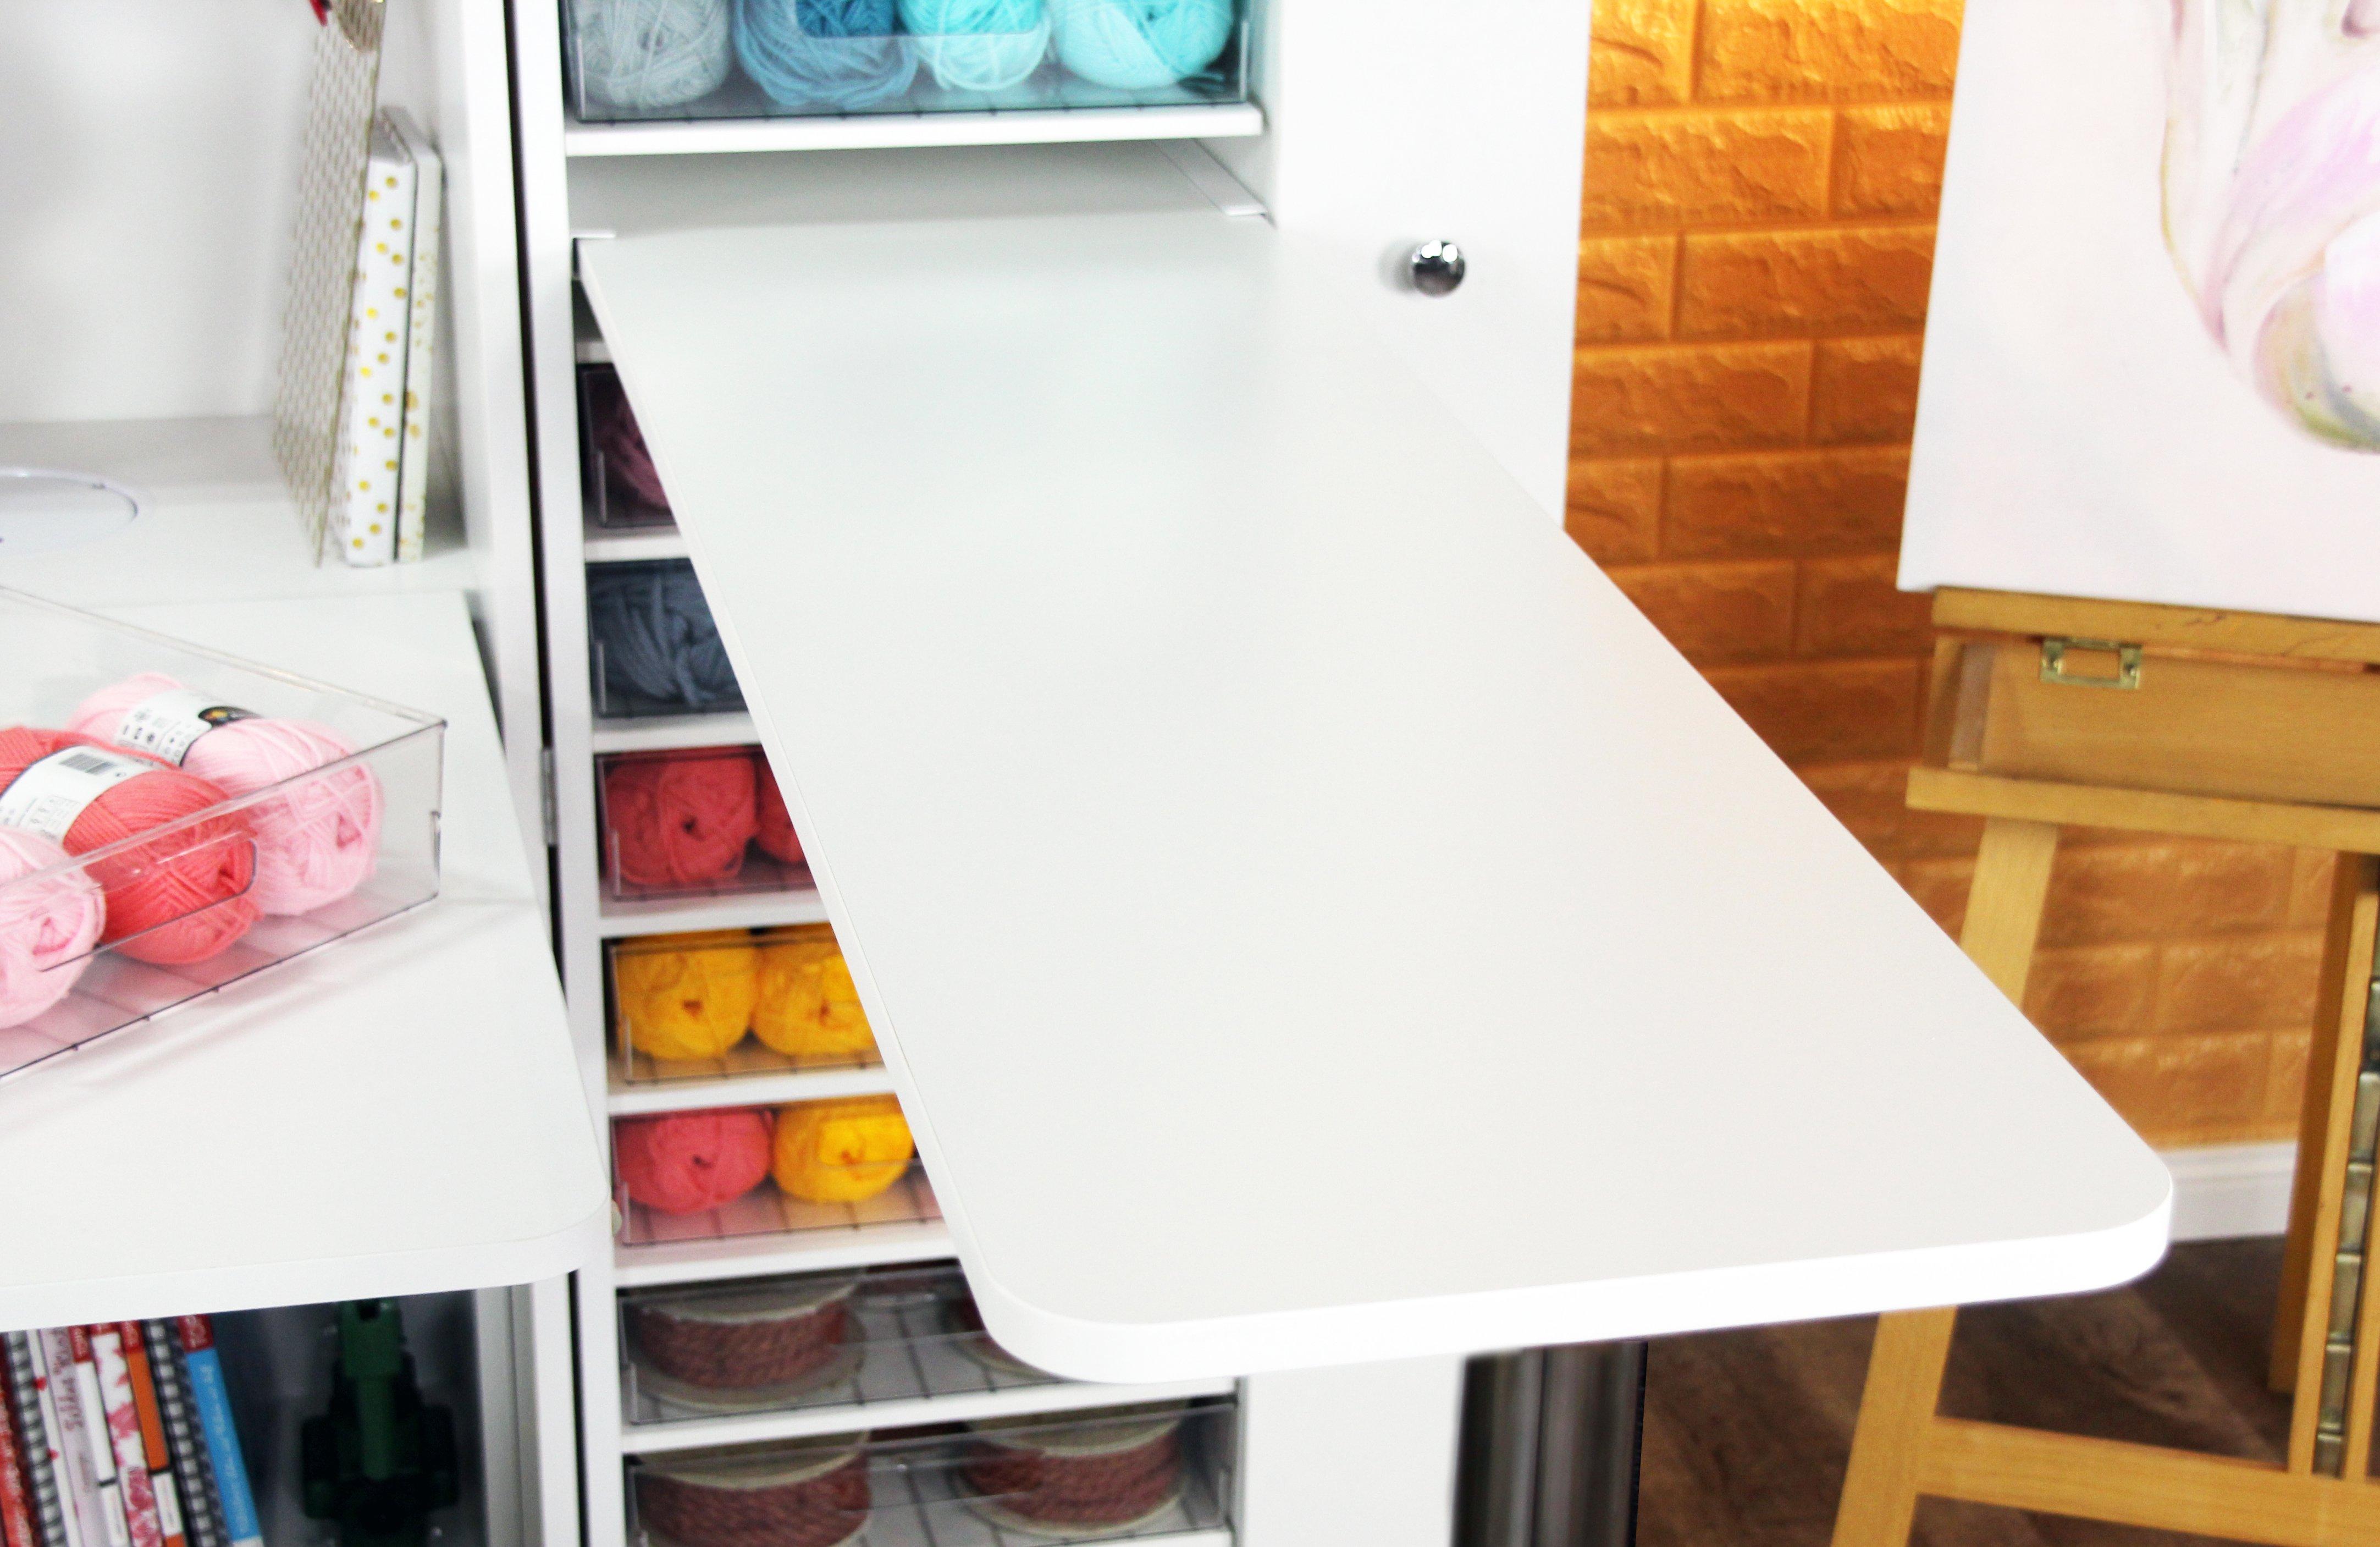 Die BrandBox Seitentische kannst du zusätzlich in die linke oder rechte Box deiner BrandBox Craft, Sew oder Office (nur rechte Box) einbauen. Das Tischbein ist stufenlos höhenverstellbar und mit einem Knopfdruck einklappbar. Zusammengeklappt ganz einfach vor dem hochgeklappten Tisch zu verstauen. Unsere Seitentische sind 136 cm lang, 34 cm breit und in der Höhe zwischen 74cm und 110cm in 5cm-Schritten einstellbar.